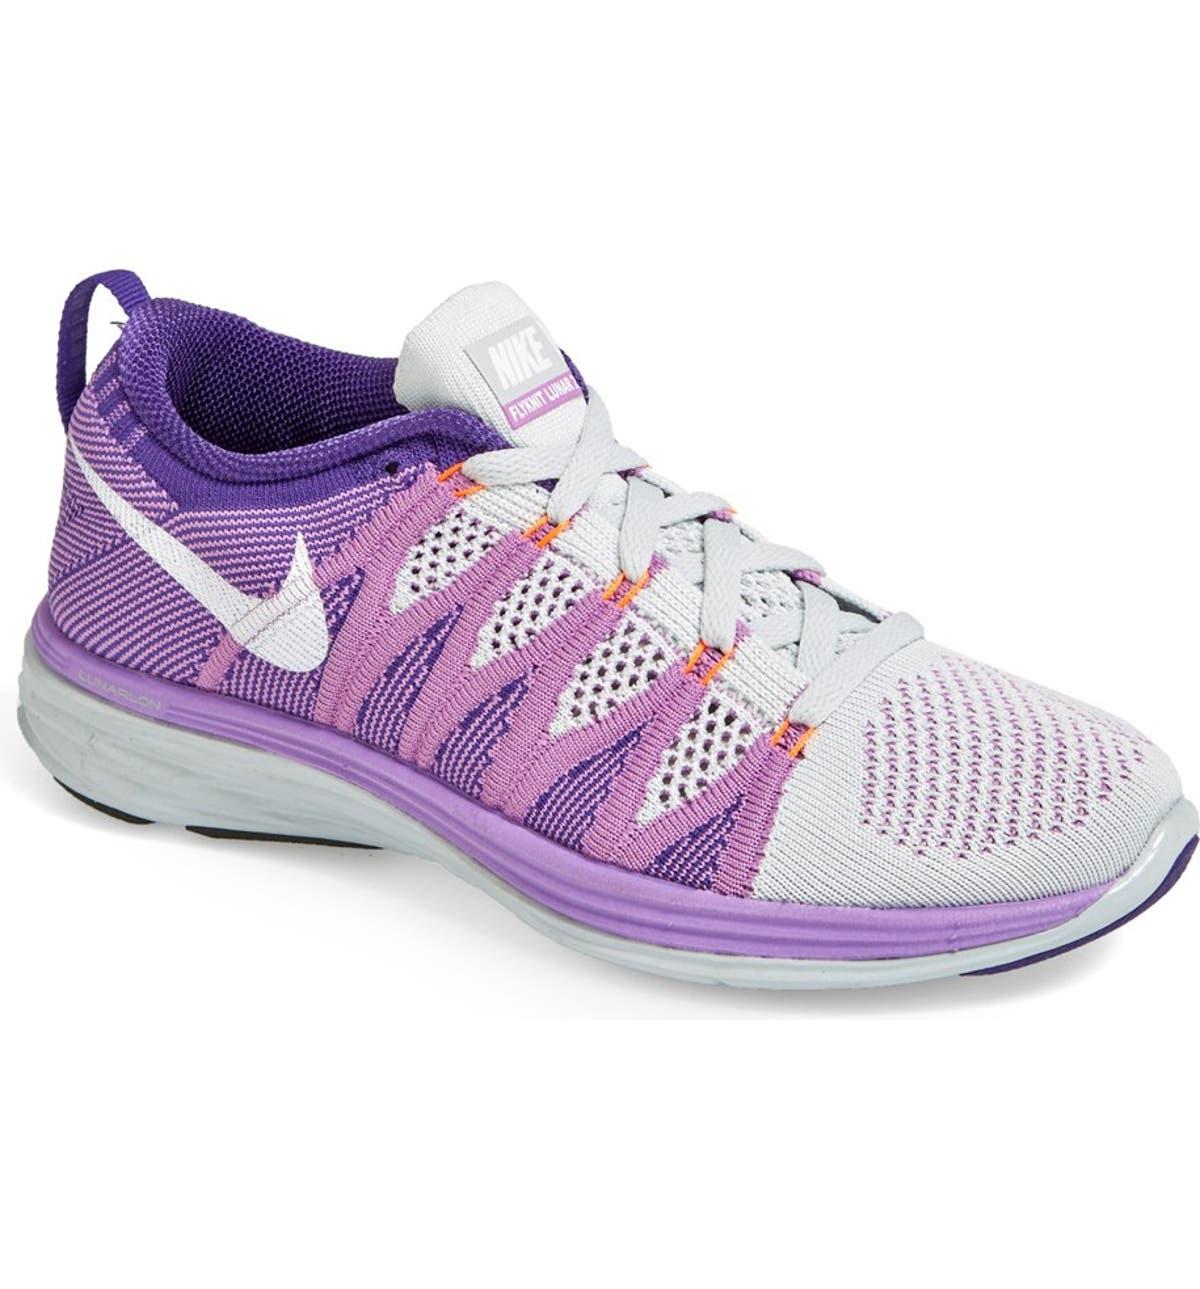 2c8cda75a94 Nike  Flyknit Lunar2  Running Shoe (Women)